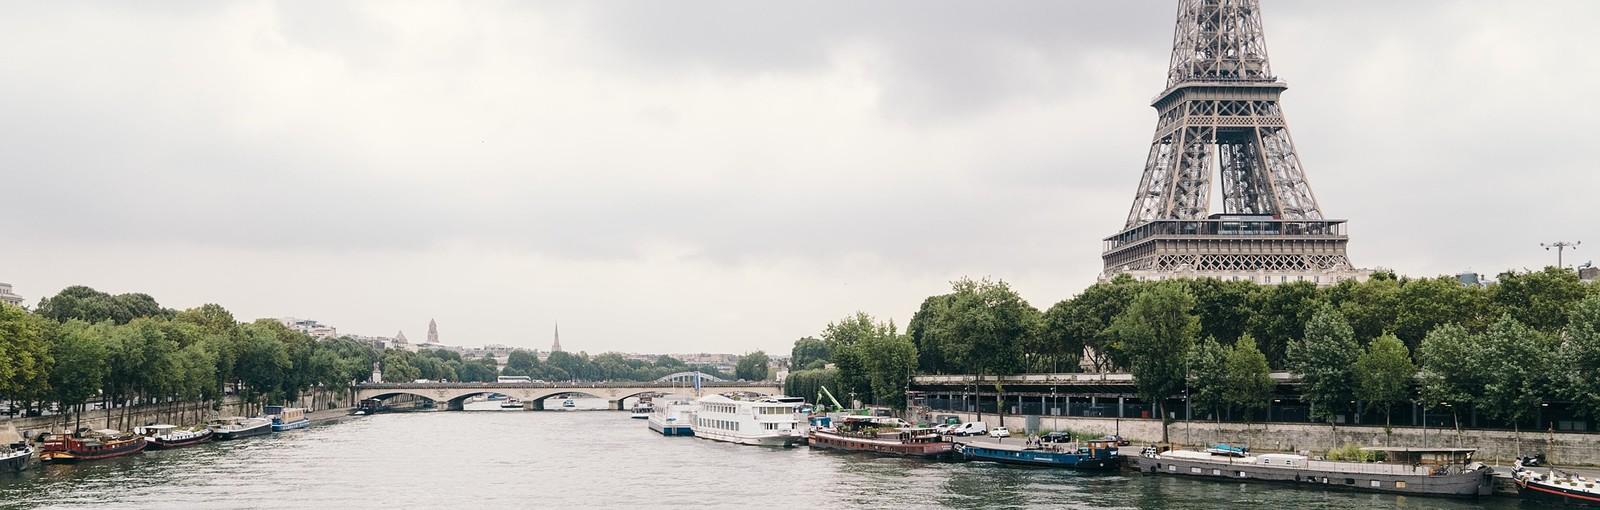 Tours Paris Package with 3 hotel nights - Paris Packages - Paris Tours